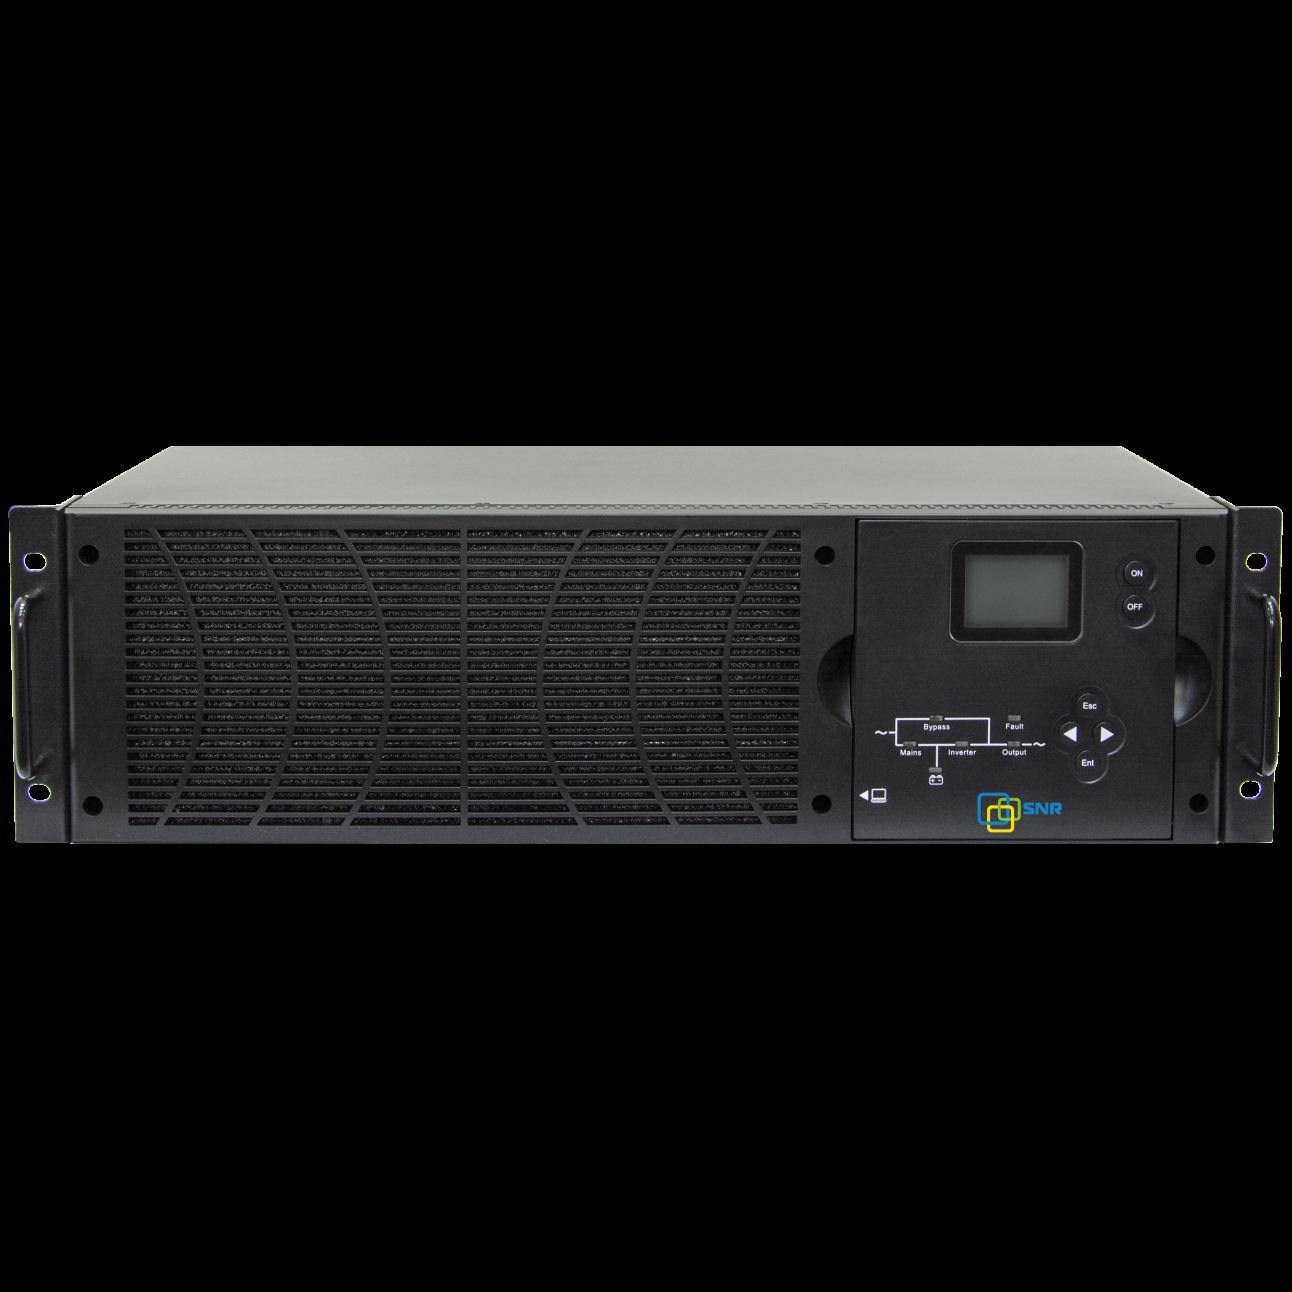 Источник бесперебойного питания on-line, 6000 VA серии MXPL (без АКБ) фаза 3:1 (уценка, после теста)